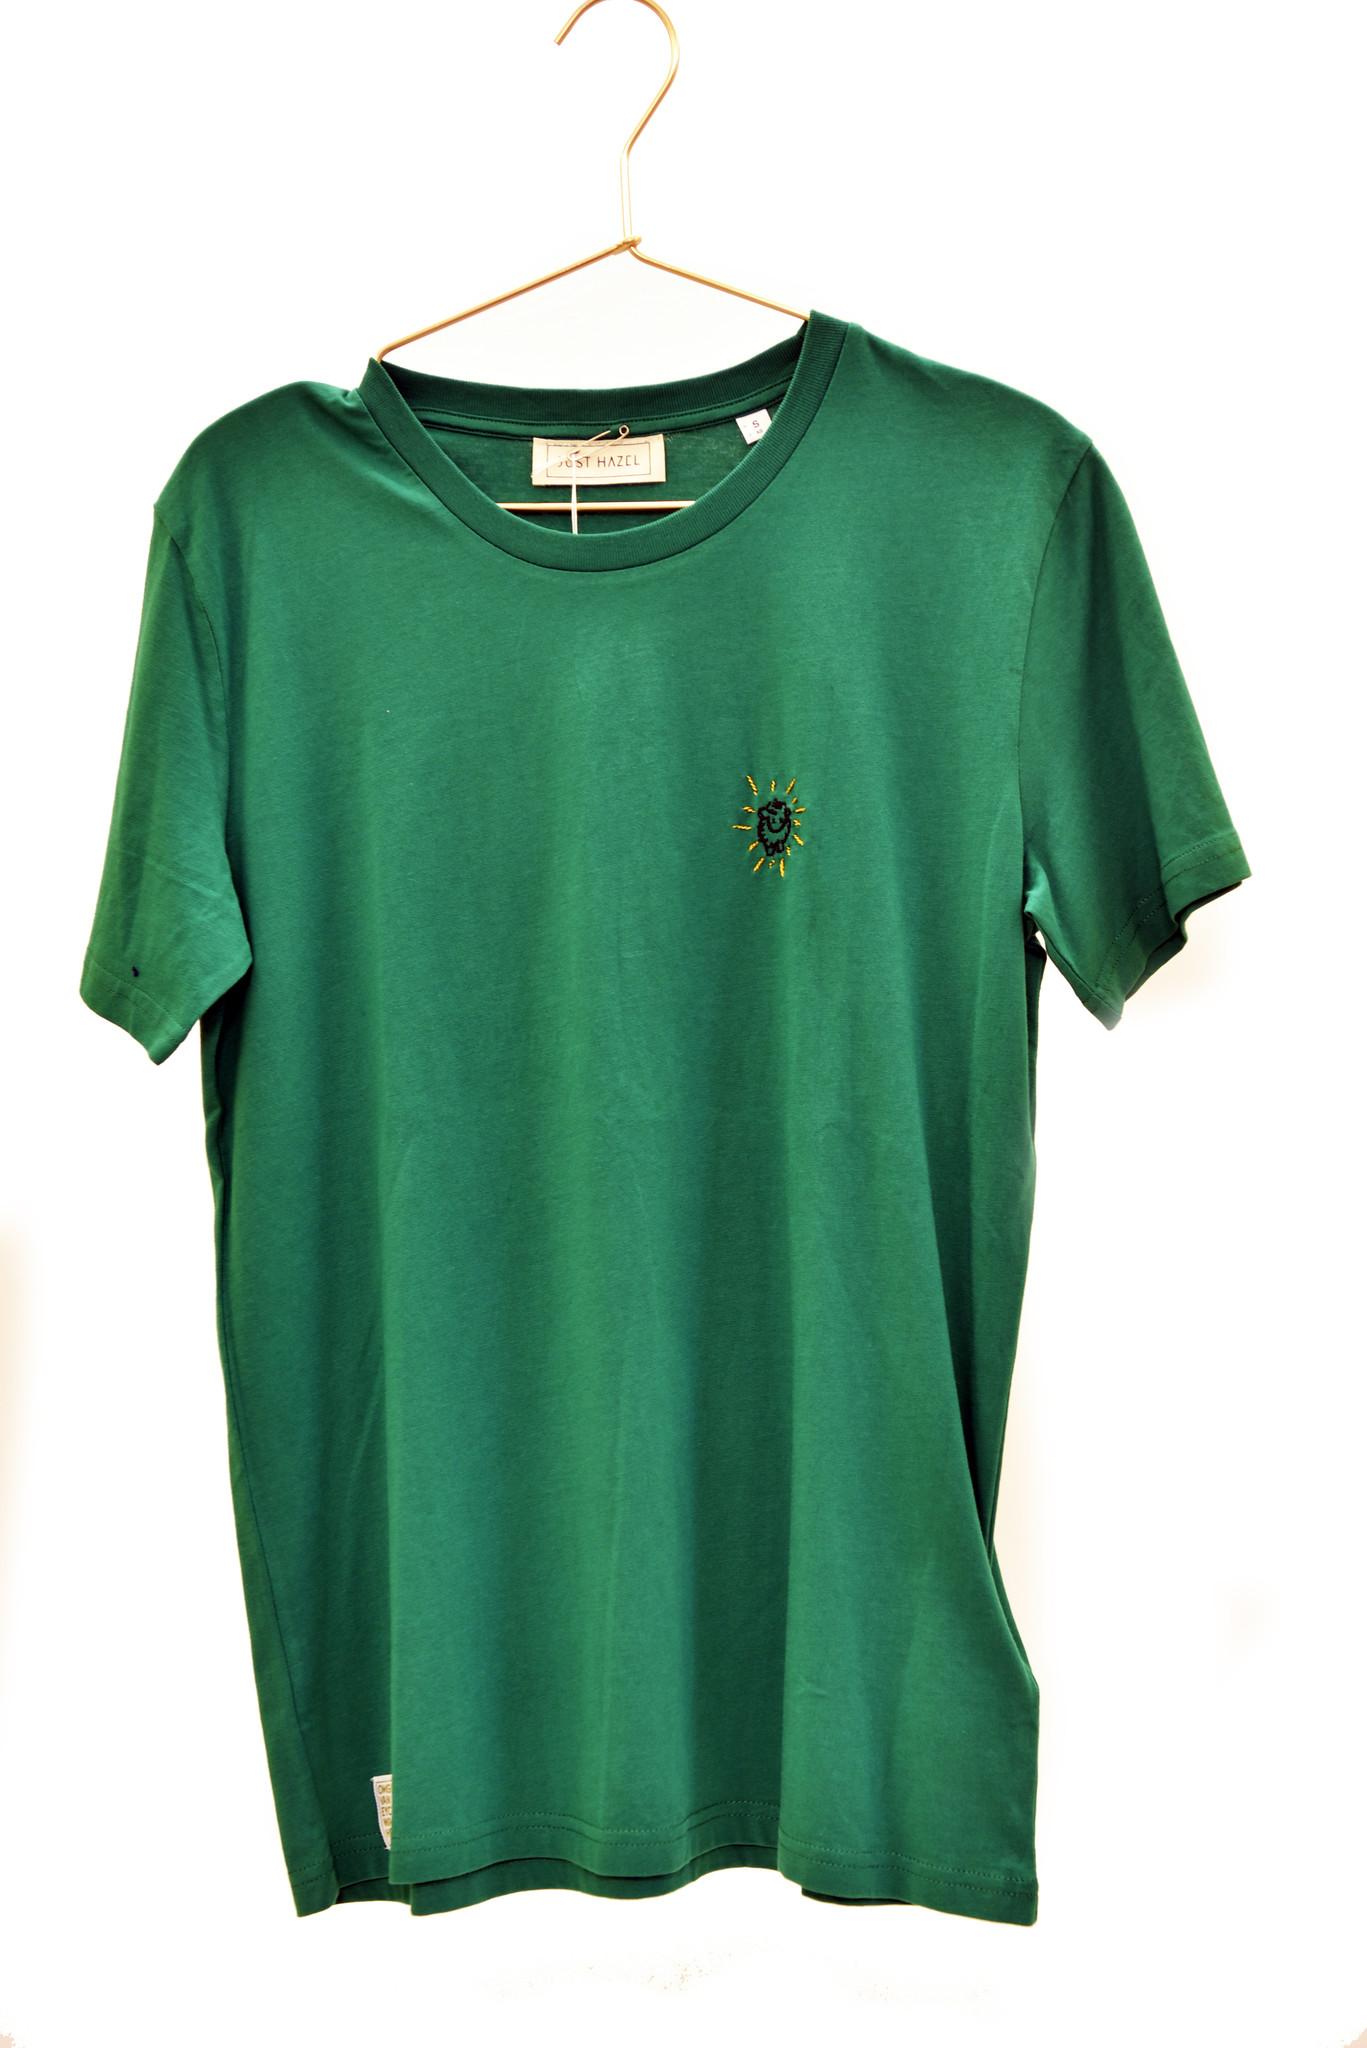 Just Hazel T-shirt Lamb green - Just Hazel